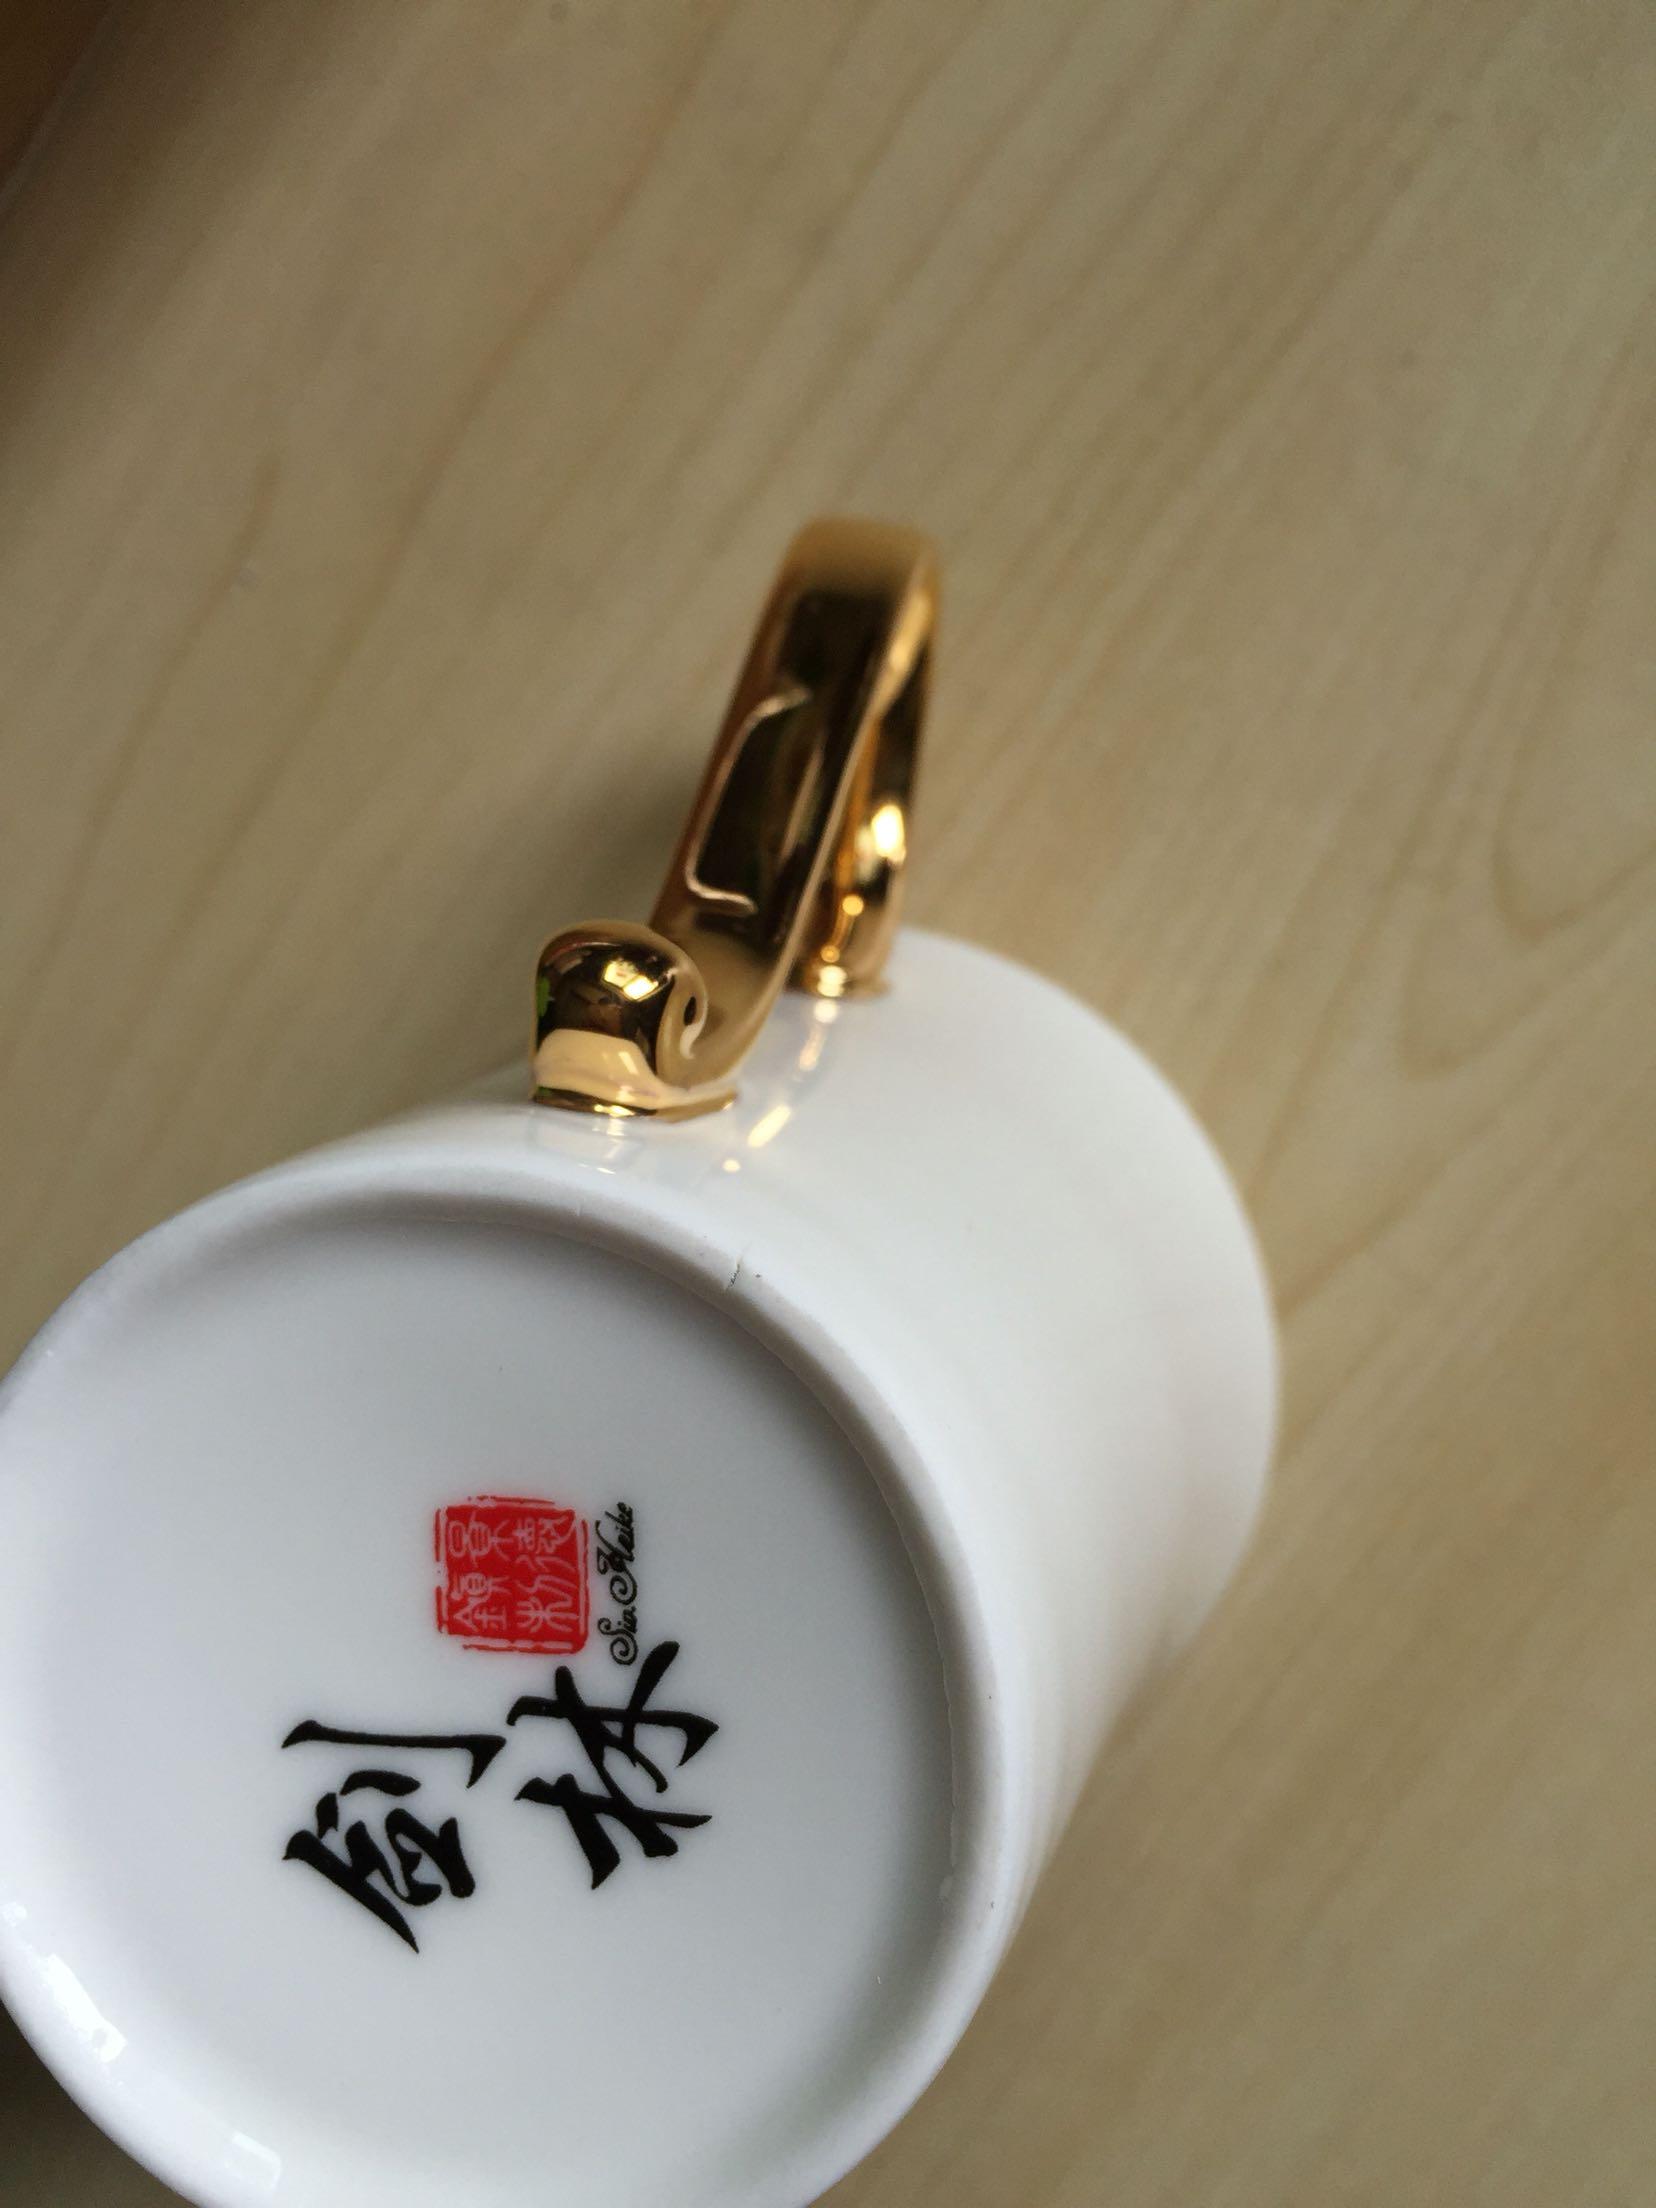 korean wholesale accessories online reviews 00296898 forsale